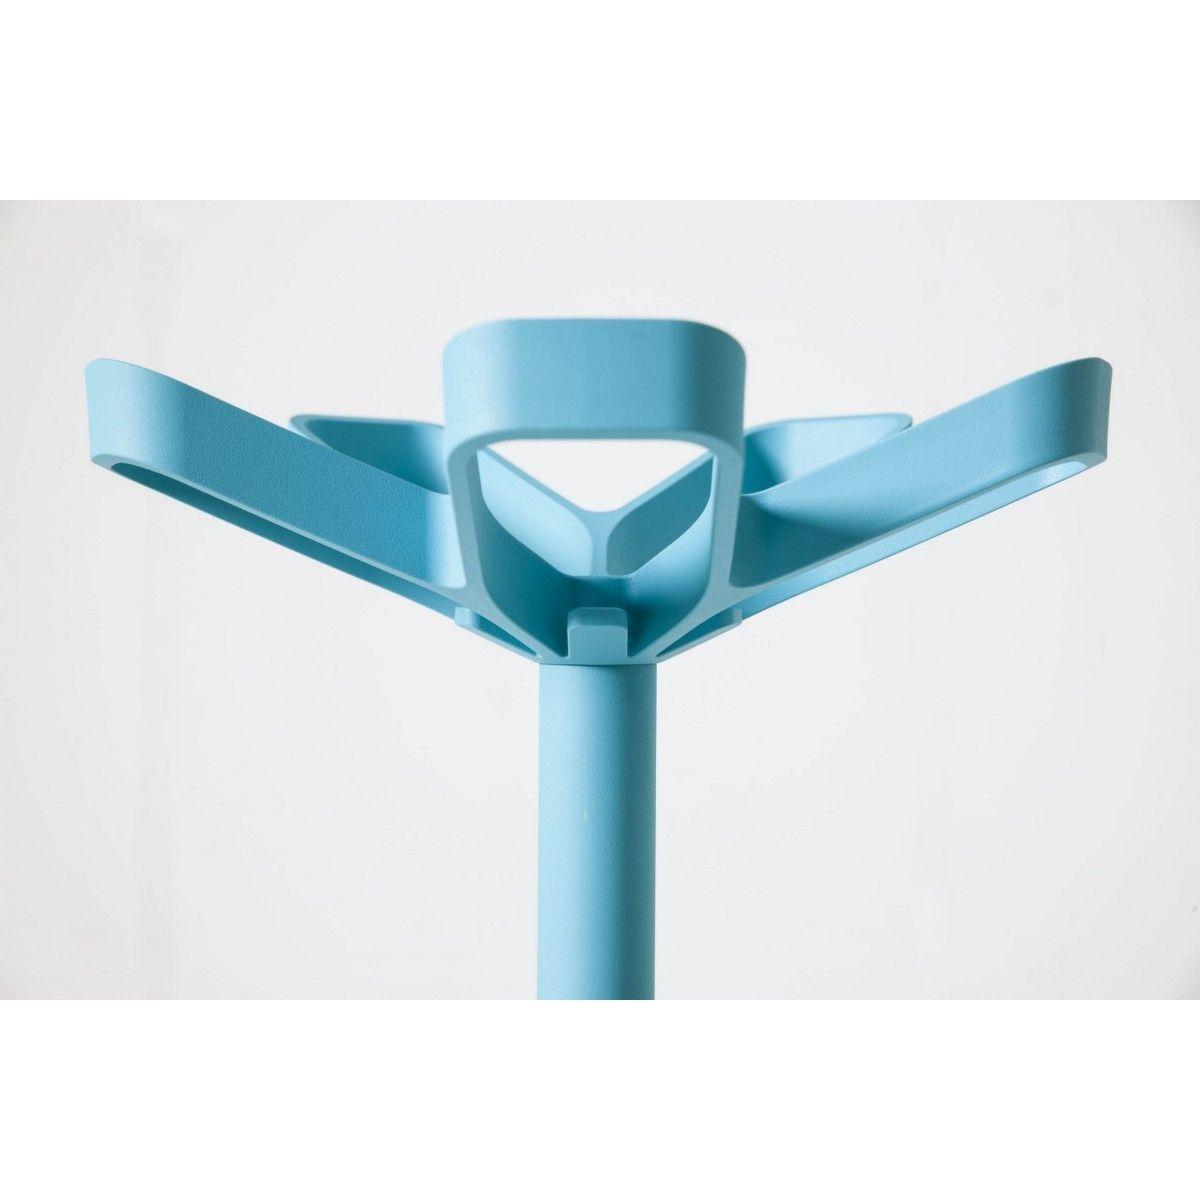 Einrichten Design De flower umbrella stand cascando einrichten design de id